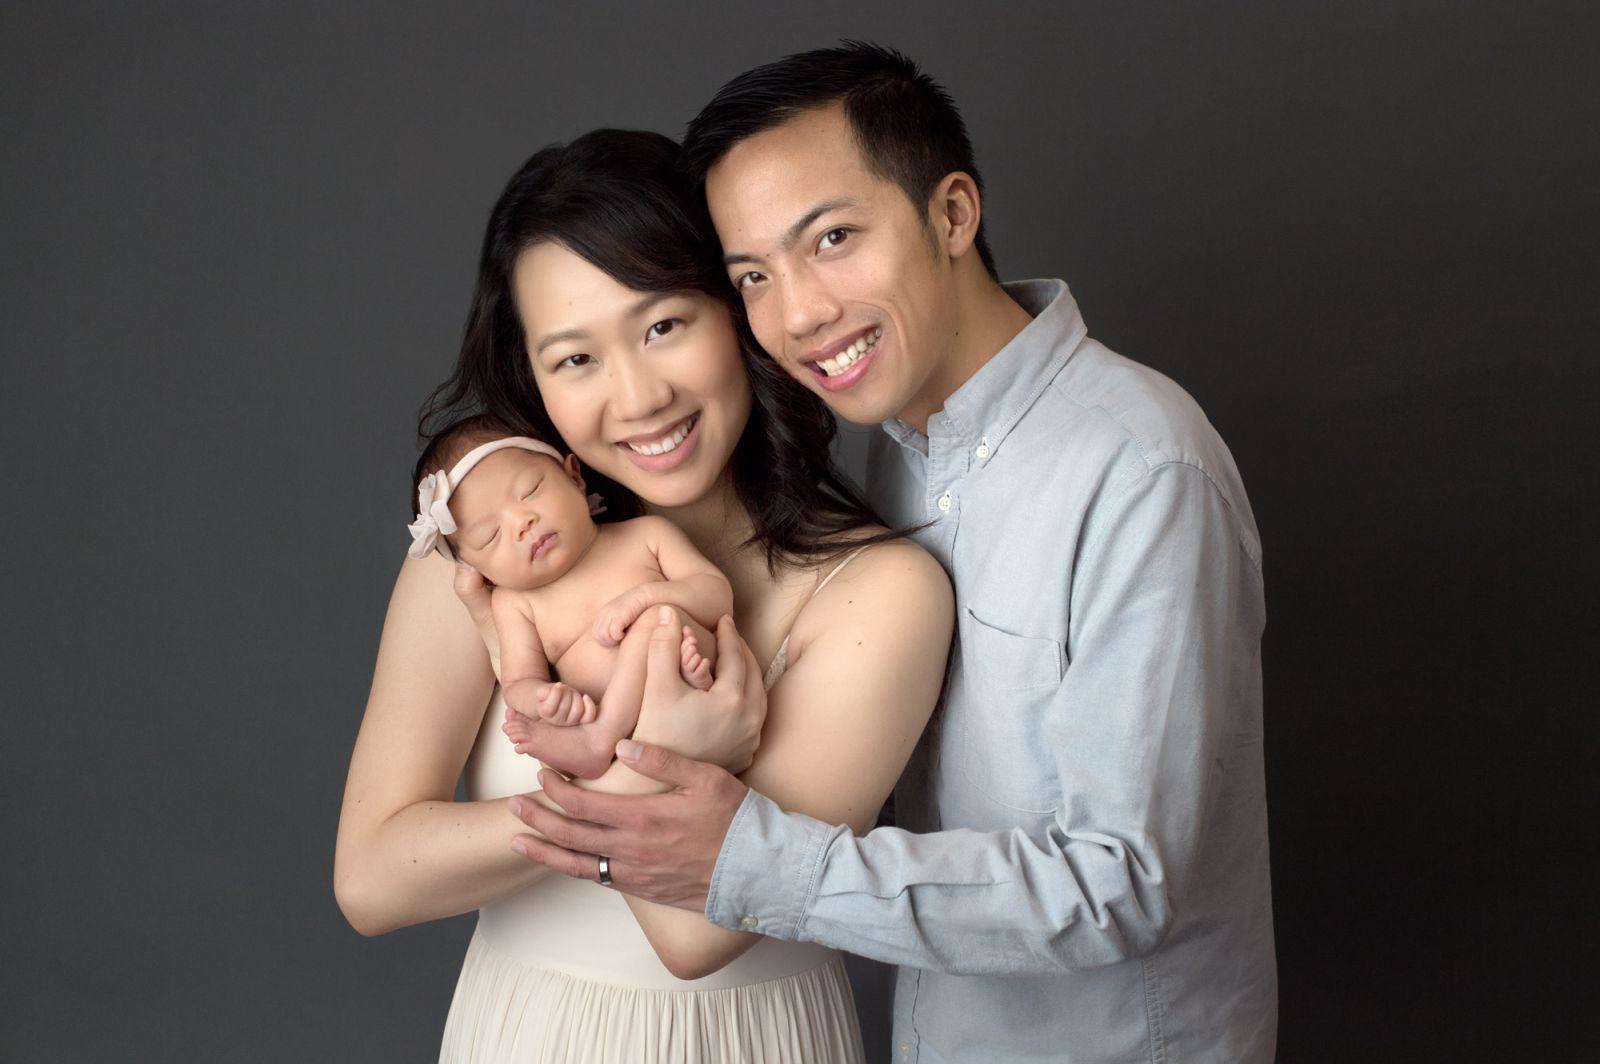 Pasadena newborn photographer